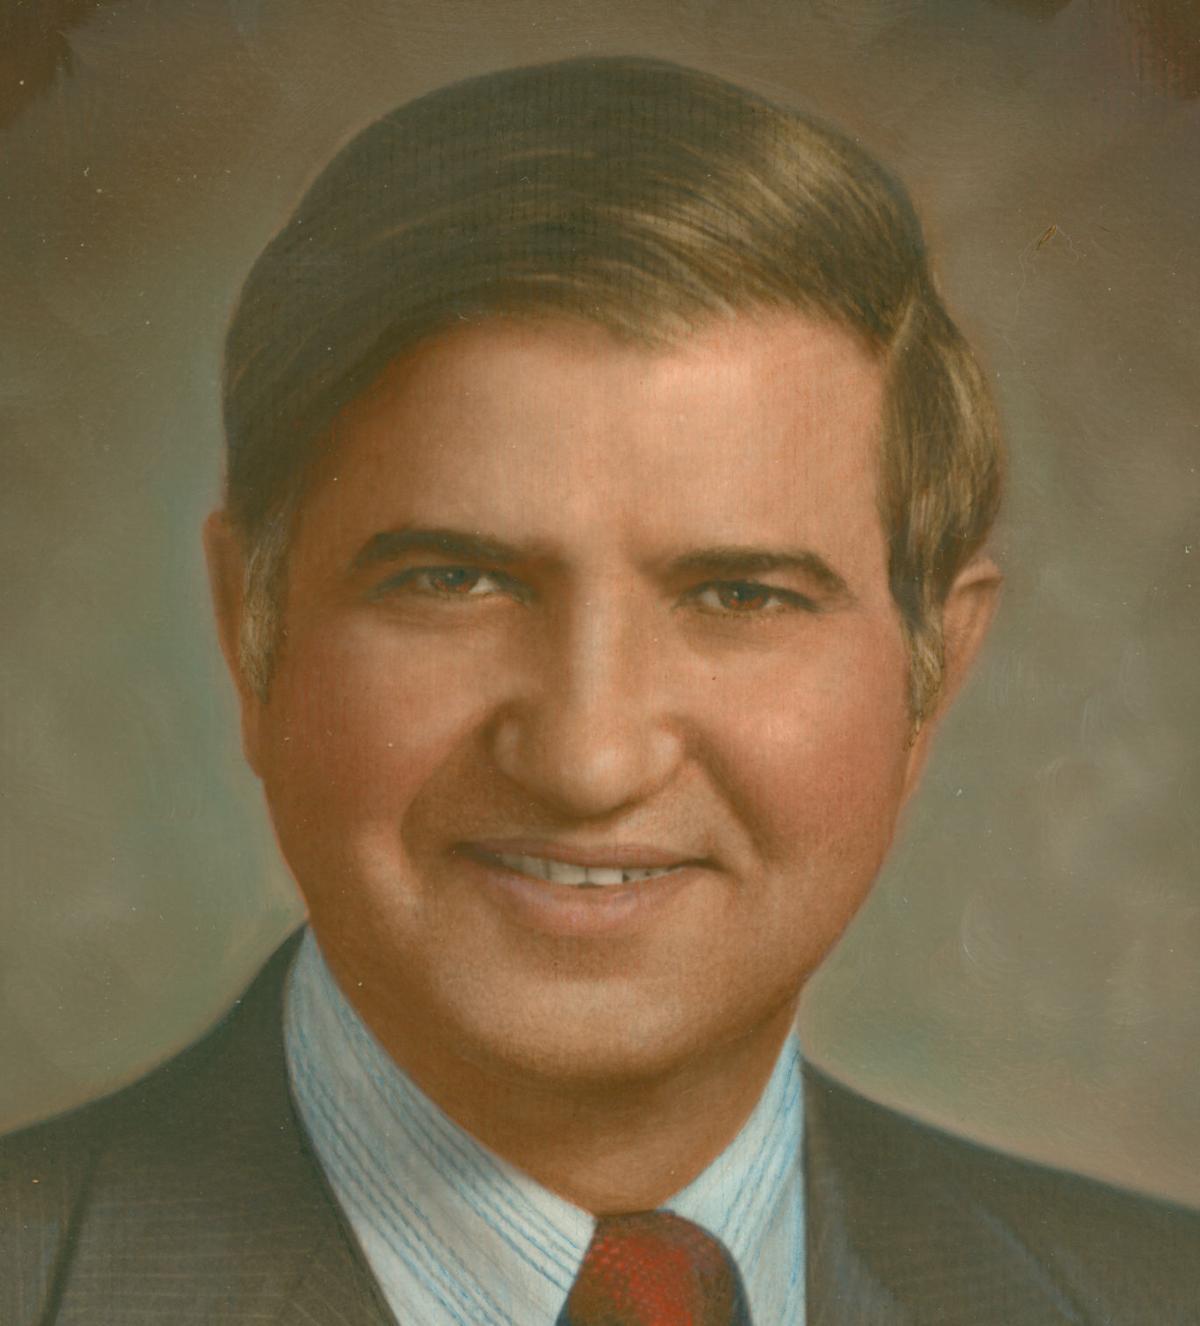 Zoucha, Dr. Adam E., MD